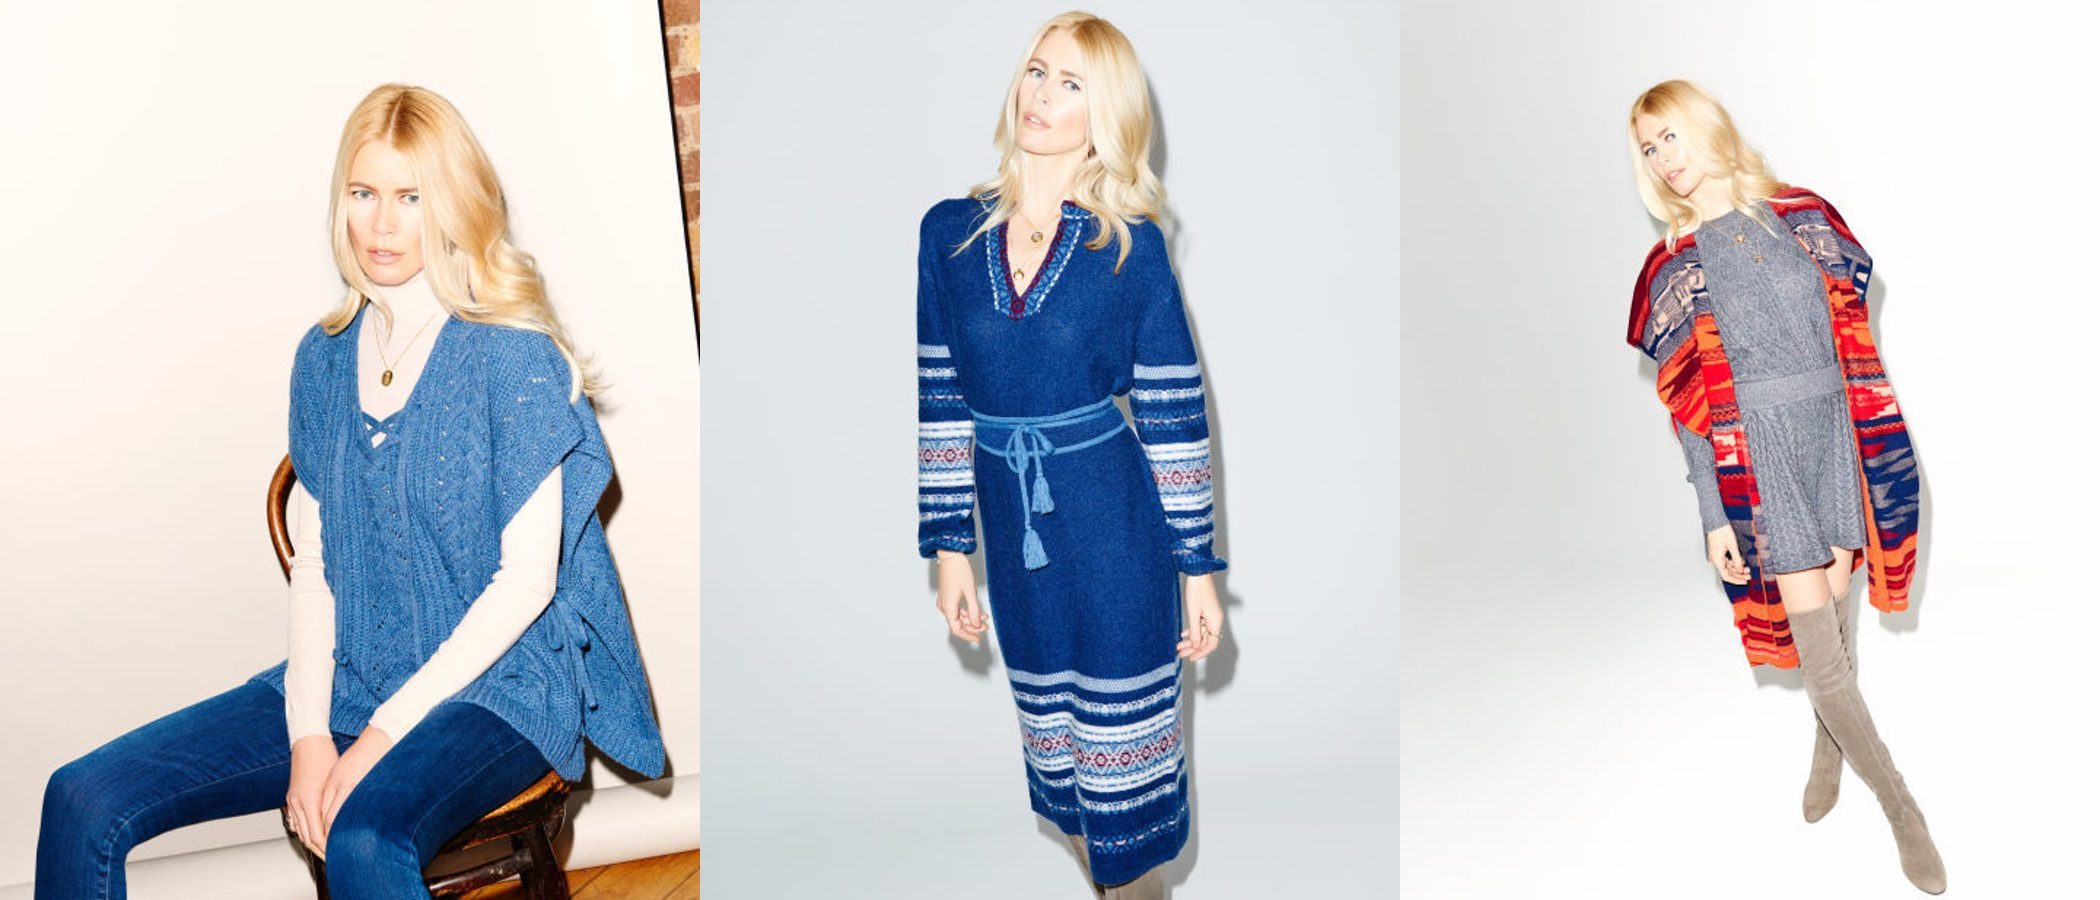 Claudia Schiffer lanza una colección de punto otoño/invierno 2016/2017 con TSE para Stylebop